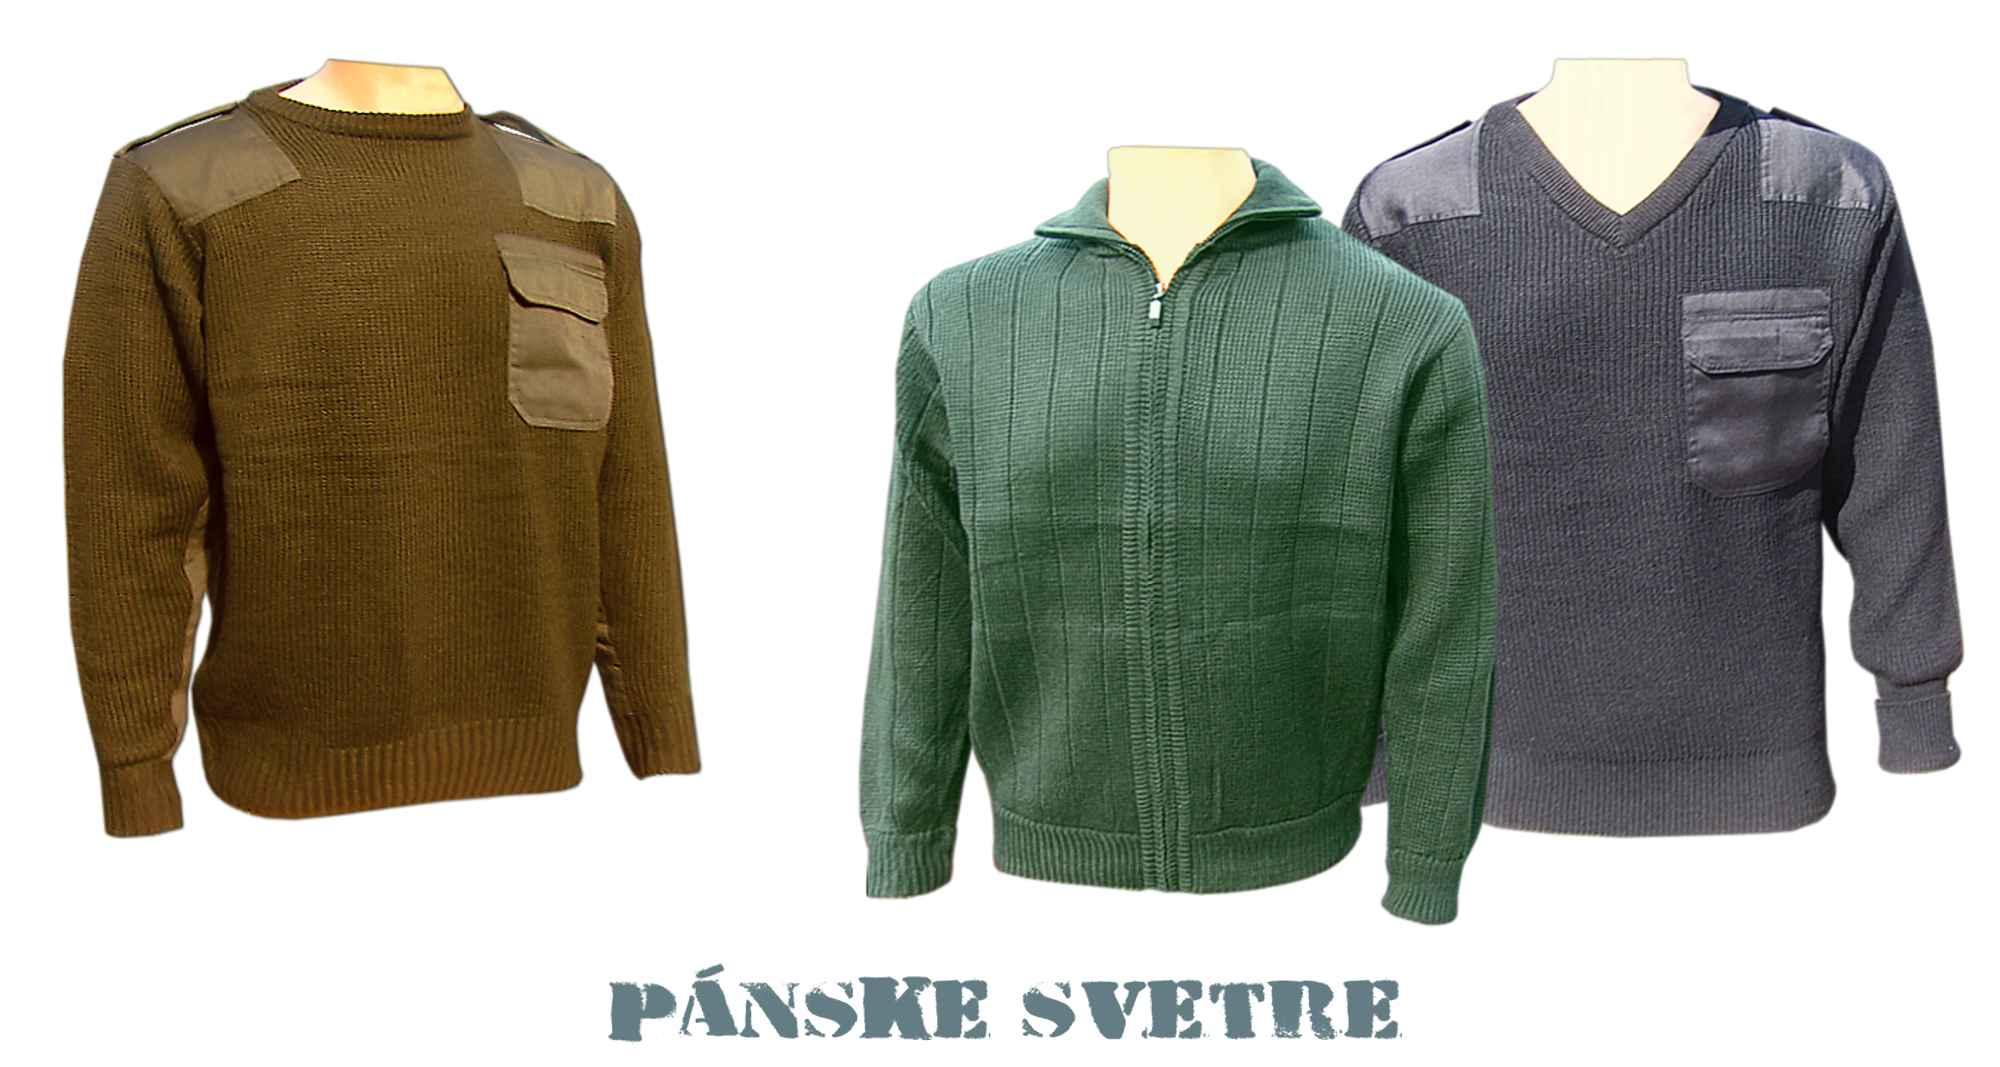 312a2ae13b0b Pánske svetre a pulóvre